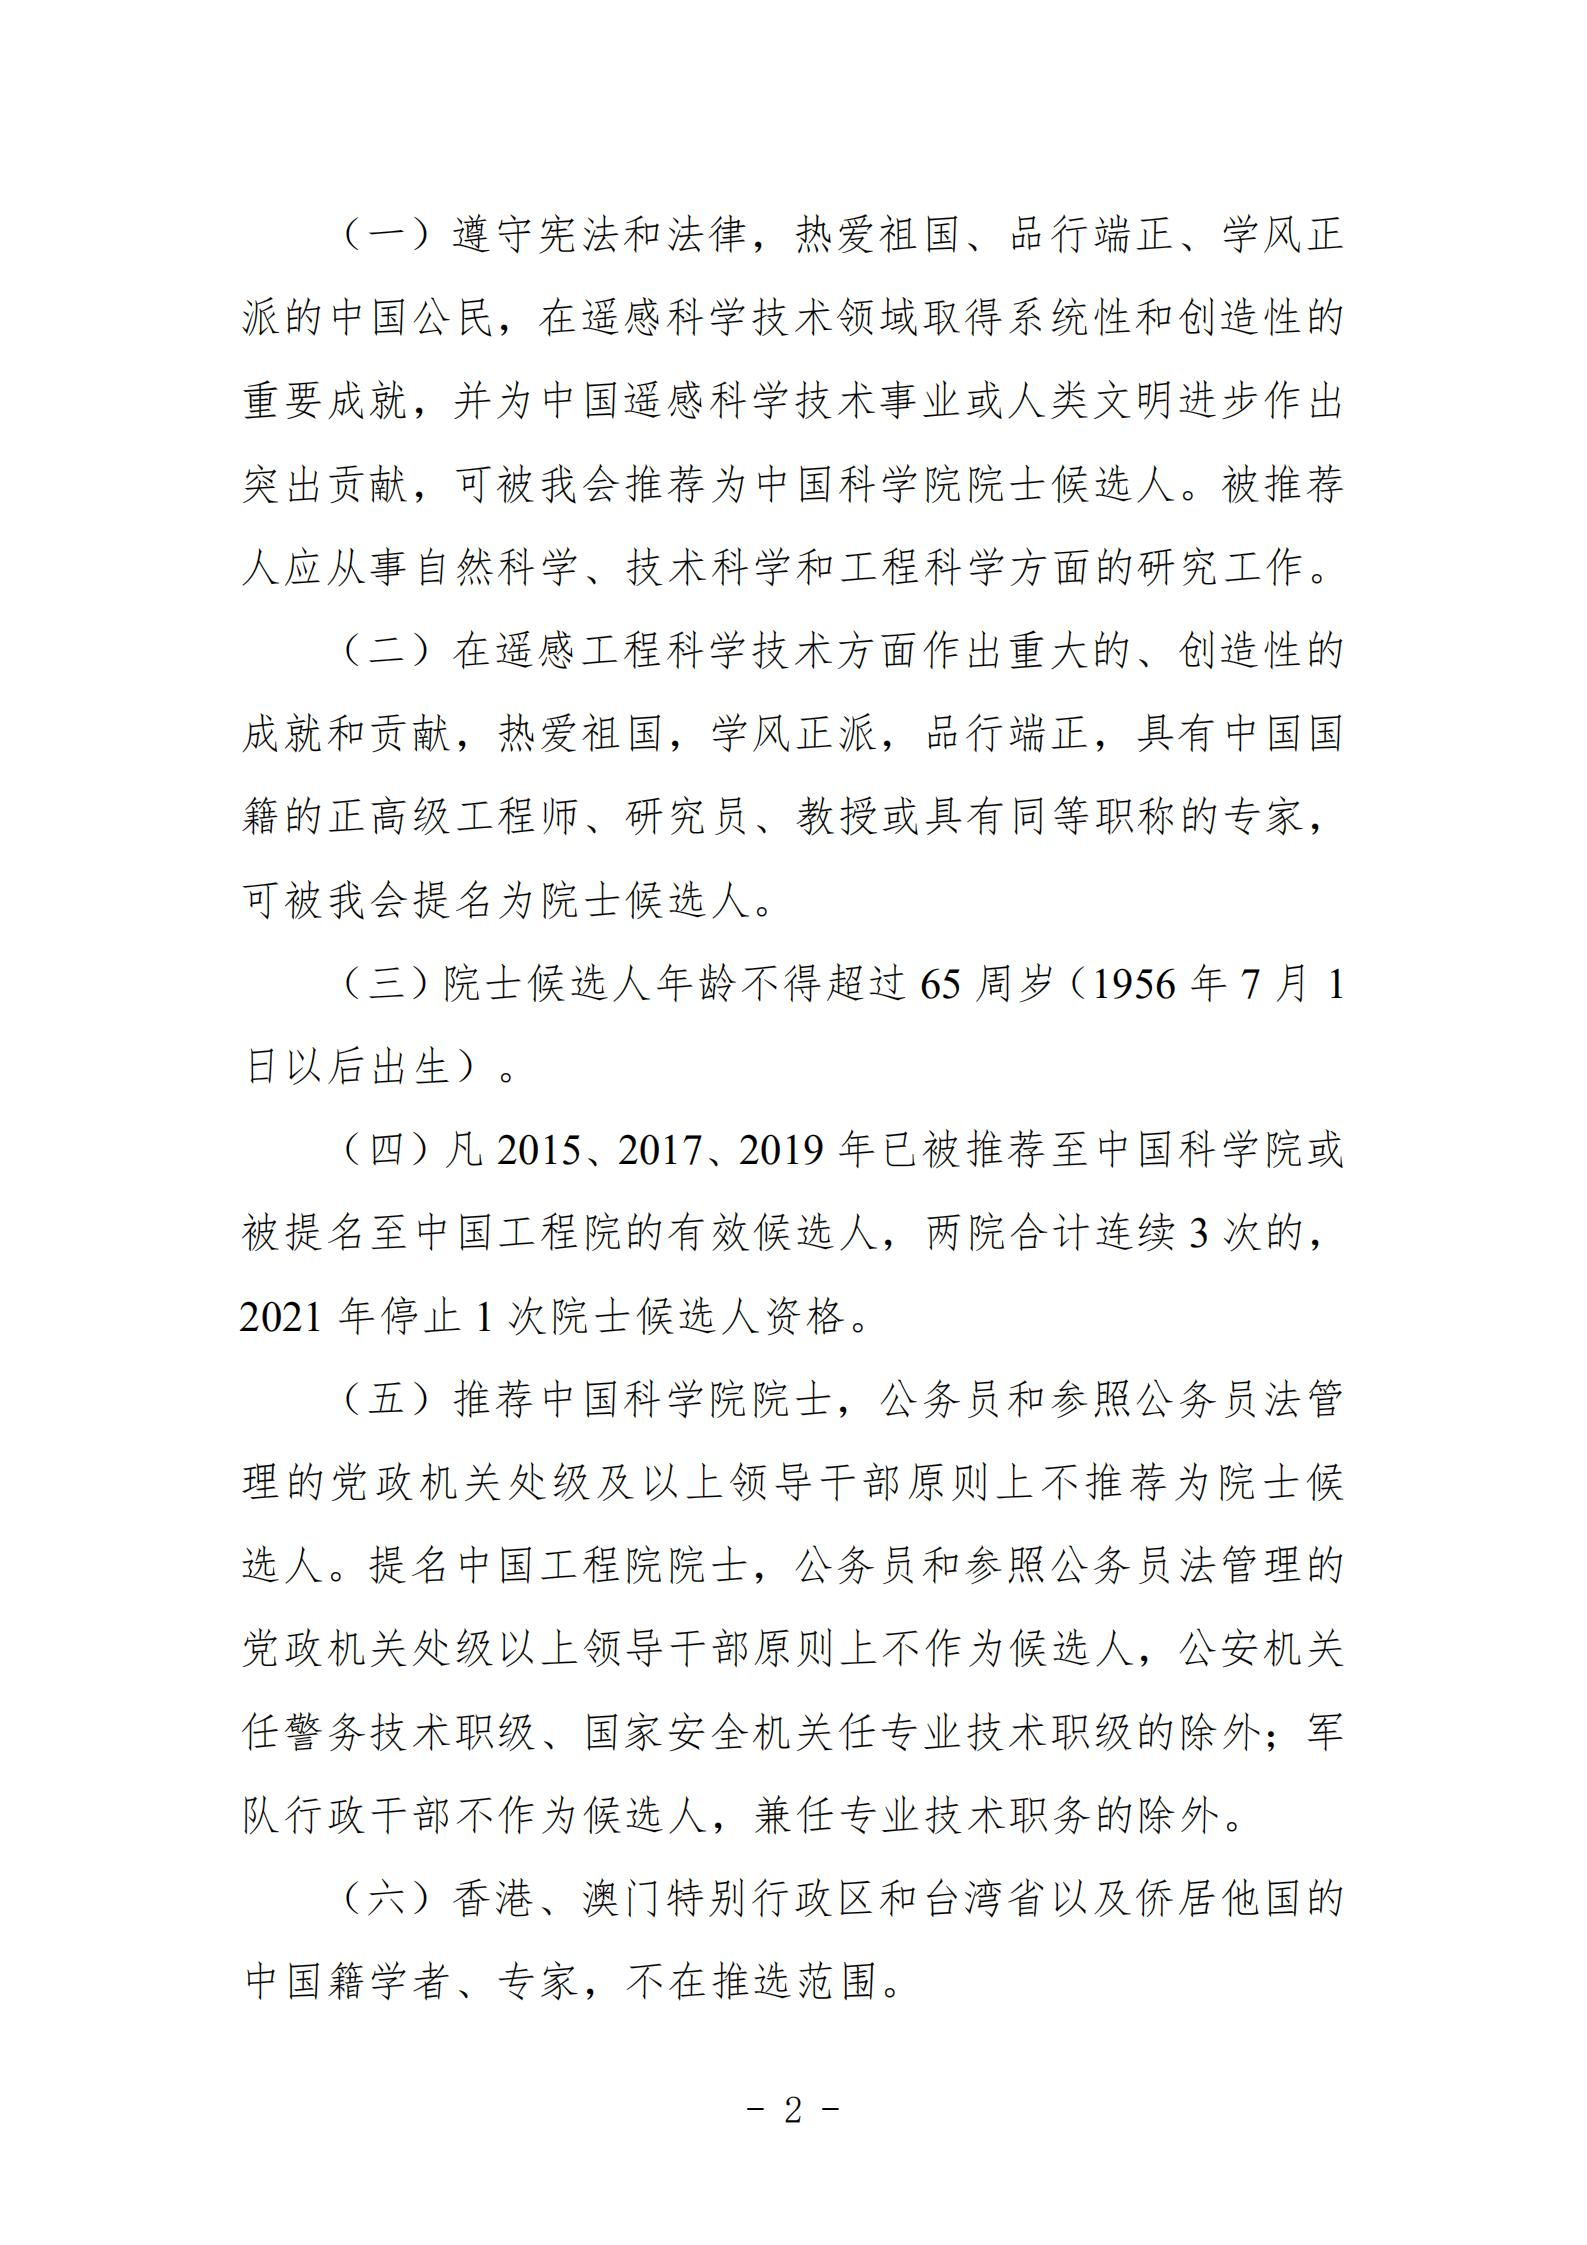 中國遙感應用協會關于組織推選2021年中國科學院和中國工程院院士候選人的通知_01.jpg